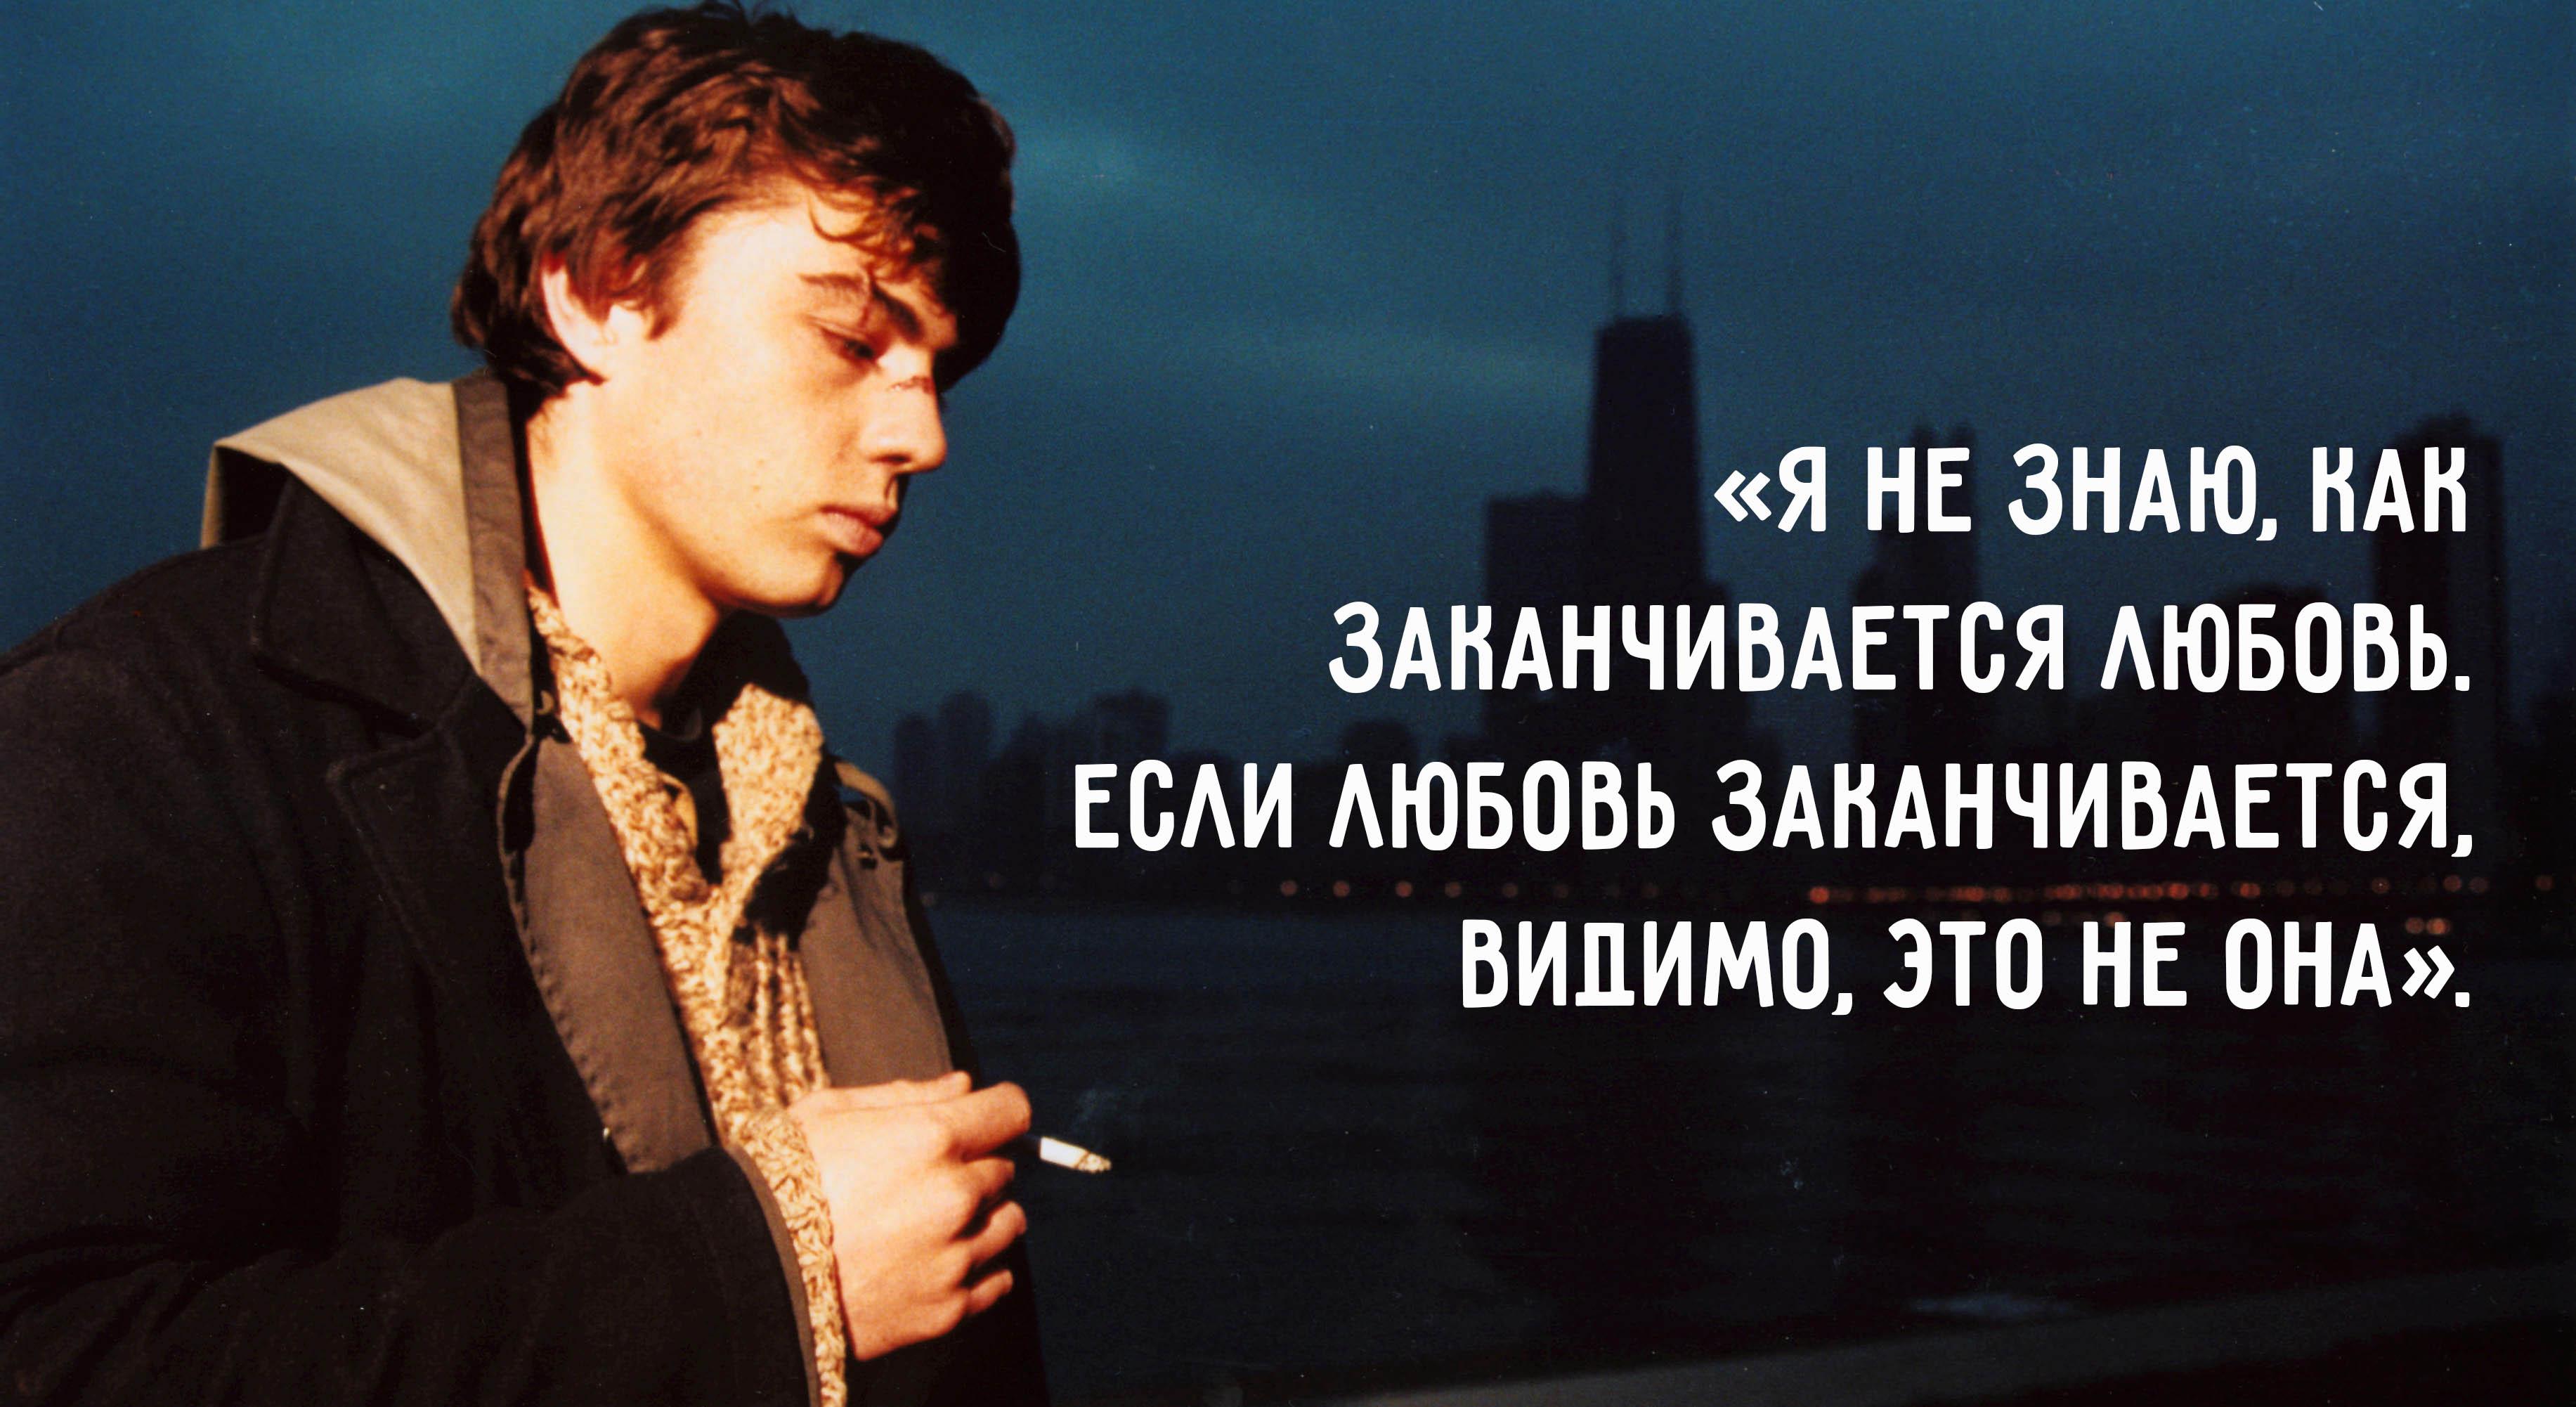 Из письма Сергея Бодрова жене Светлане. Эти строки возвращают веру в настоящую любовь!